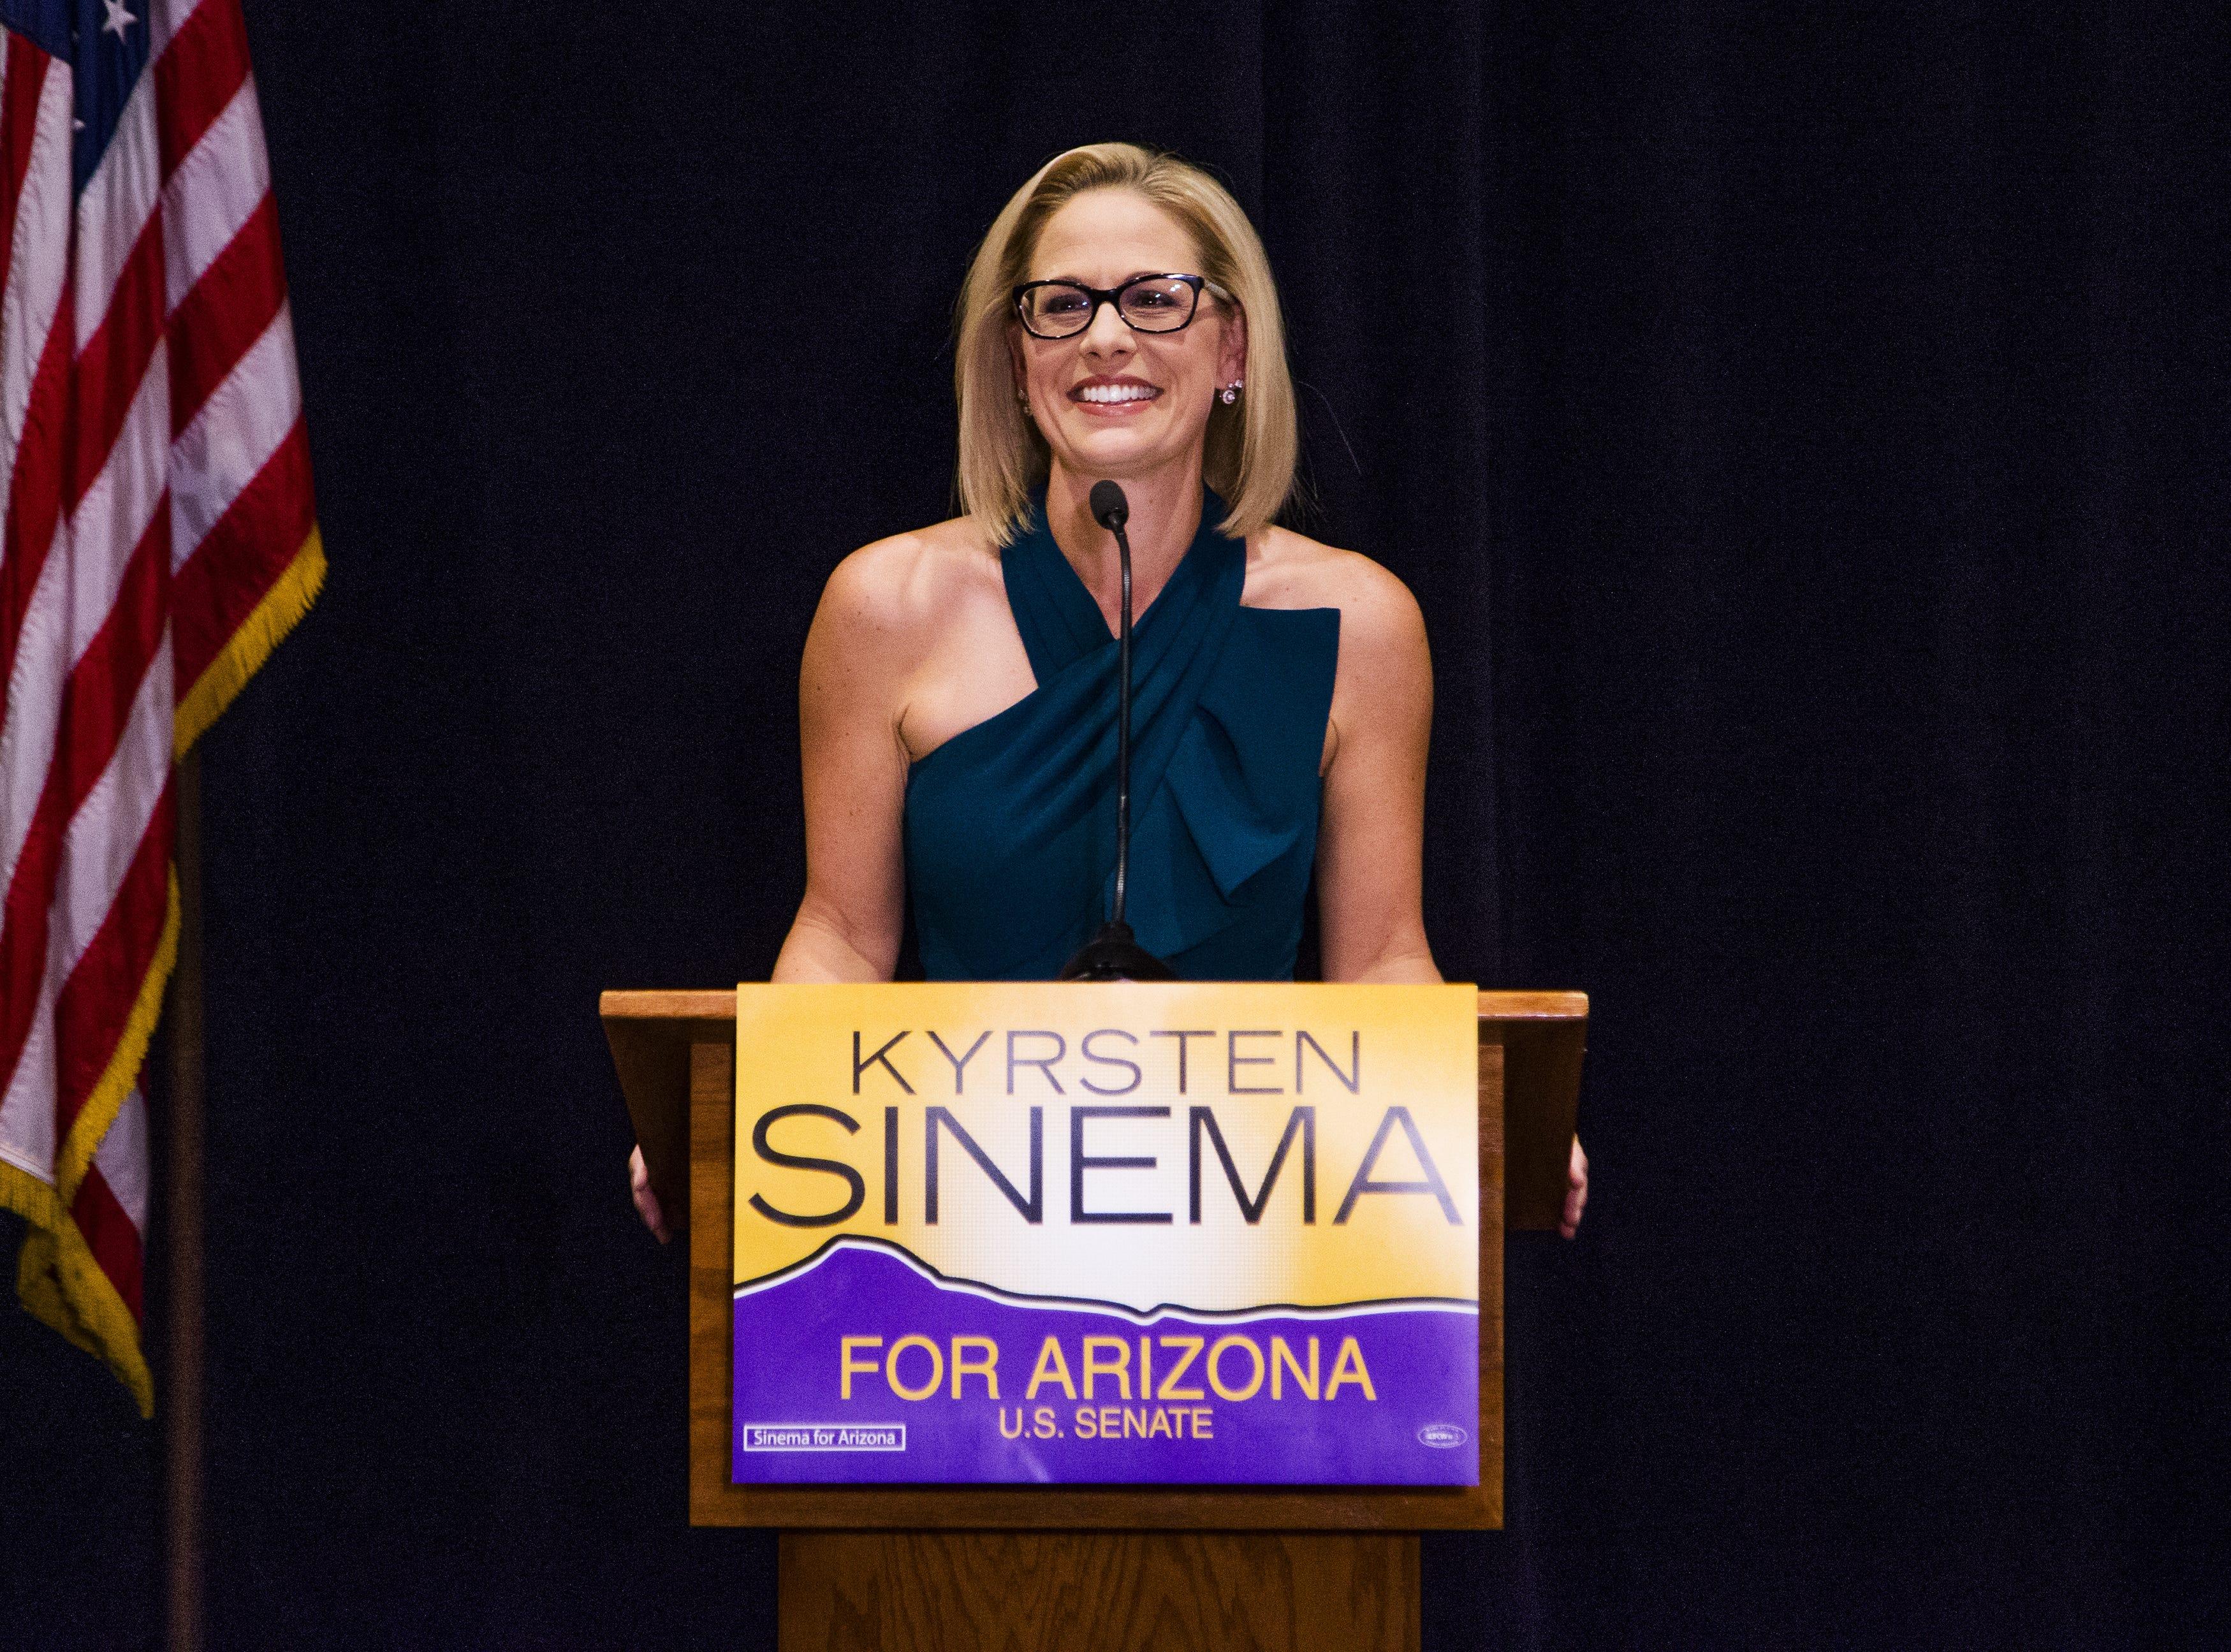 De manera dramática, venció a la representante republicana Martha McSally en la contienda por reemplazar al senador republicano Jeff Flake.